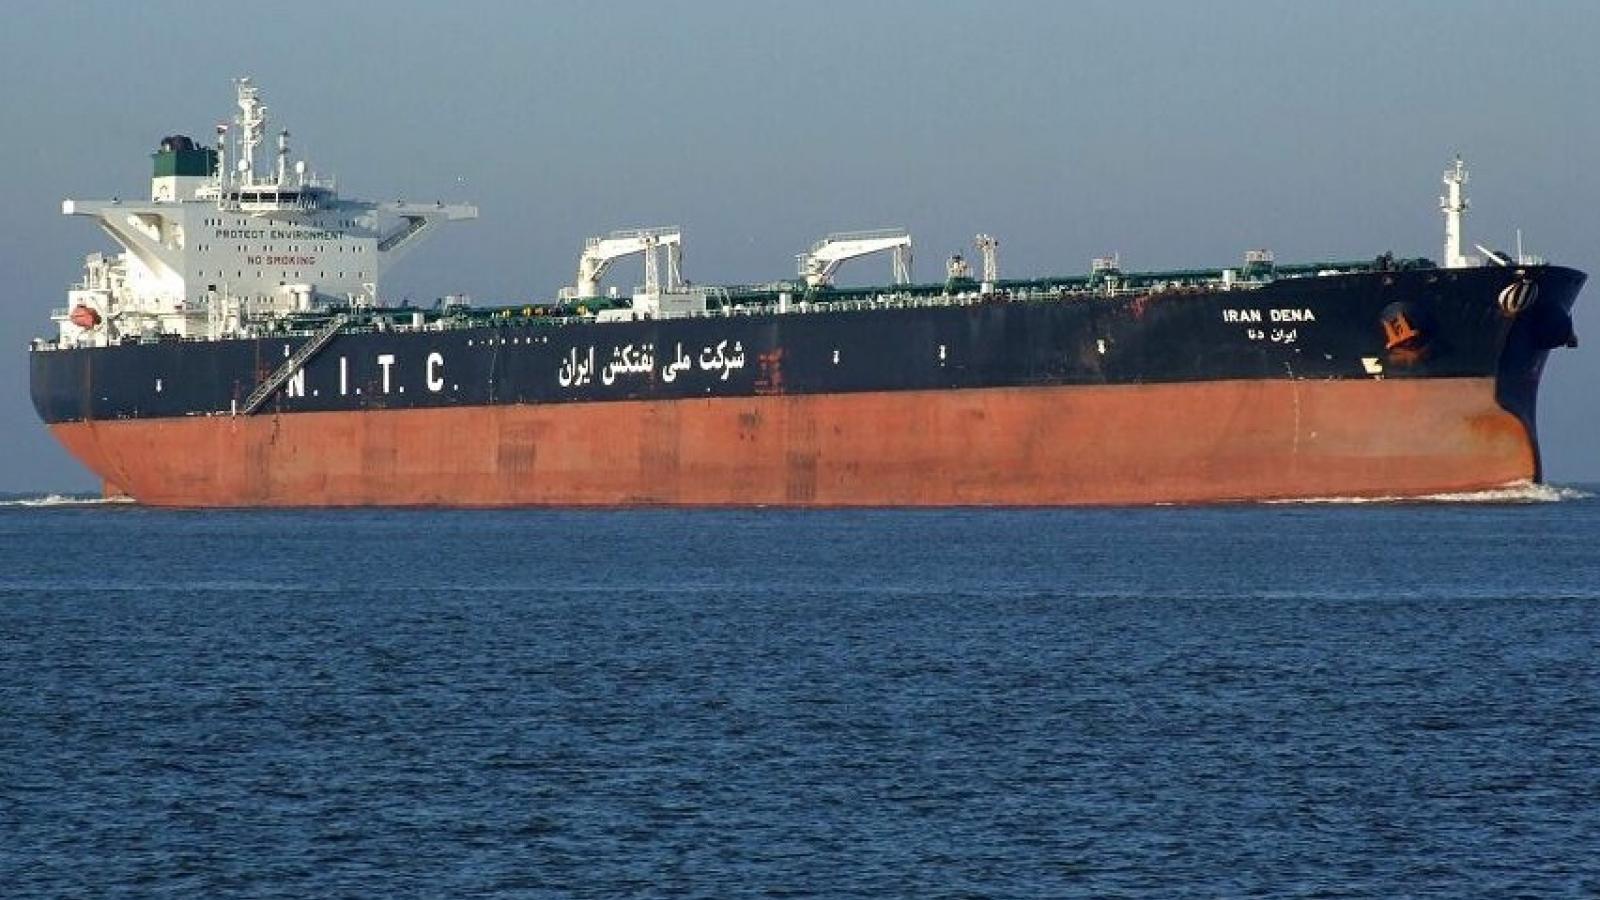 Bất chấp cảnh báo từ Mỹ, tàu chở dầu Iran đầu tiên đã tới Venezuela